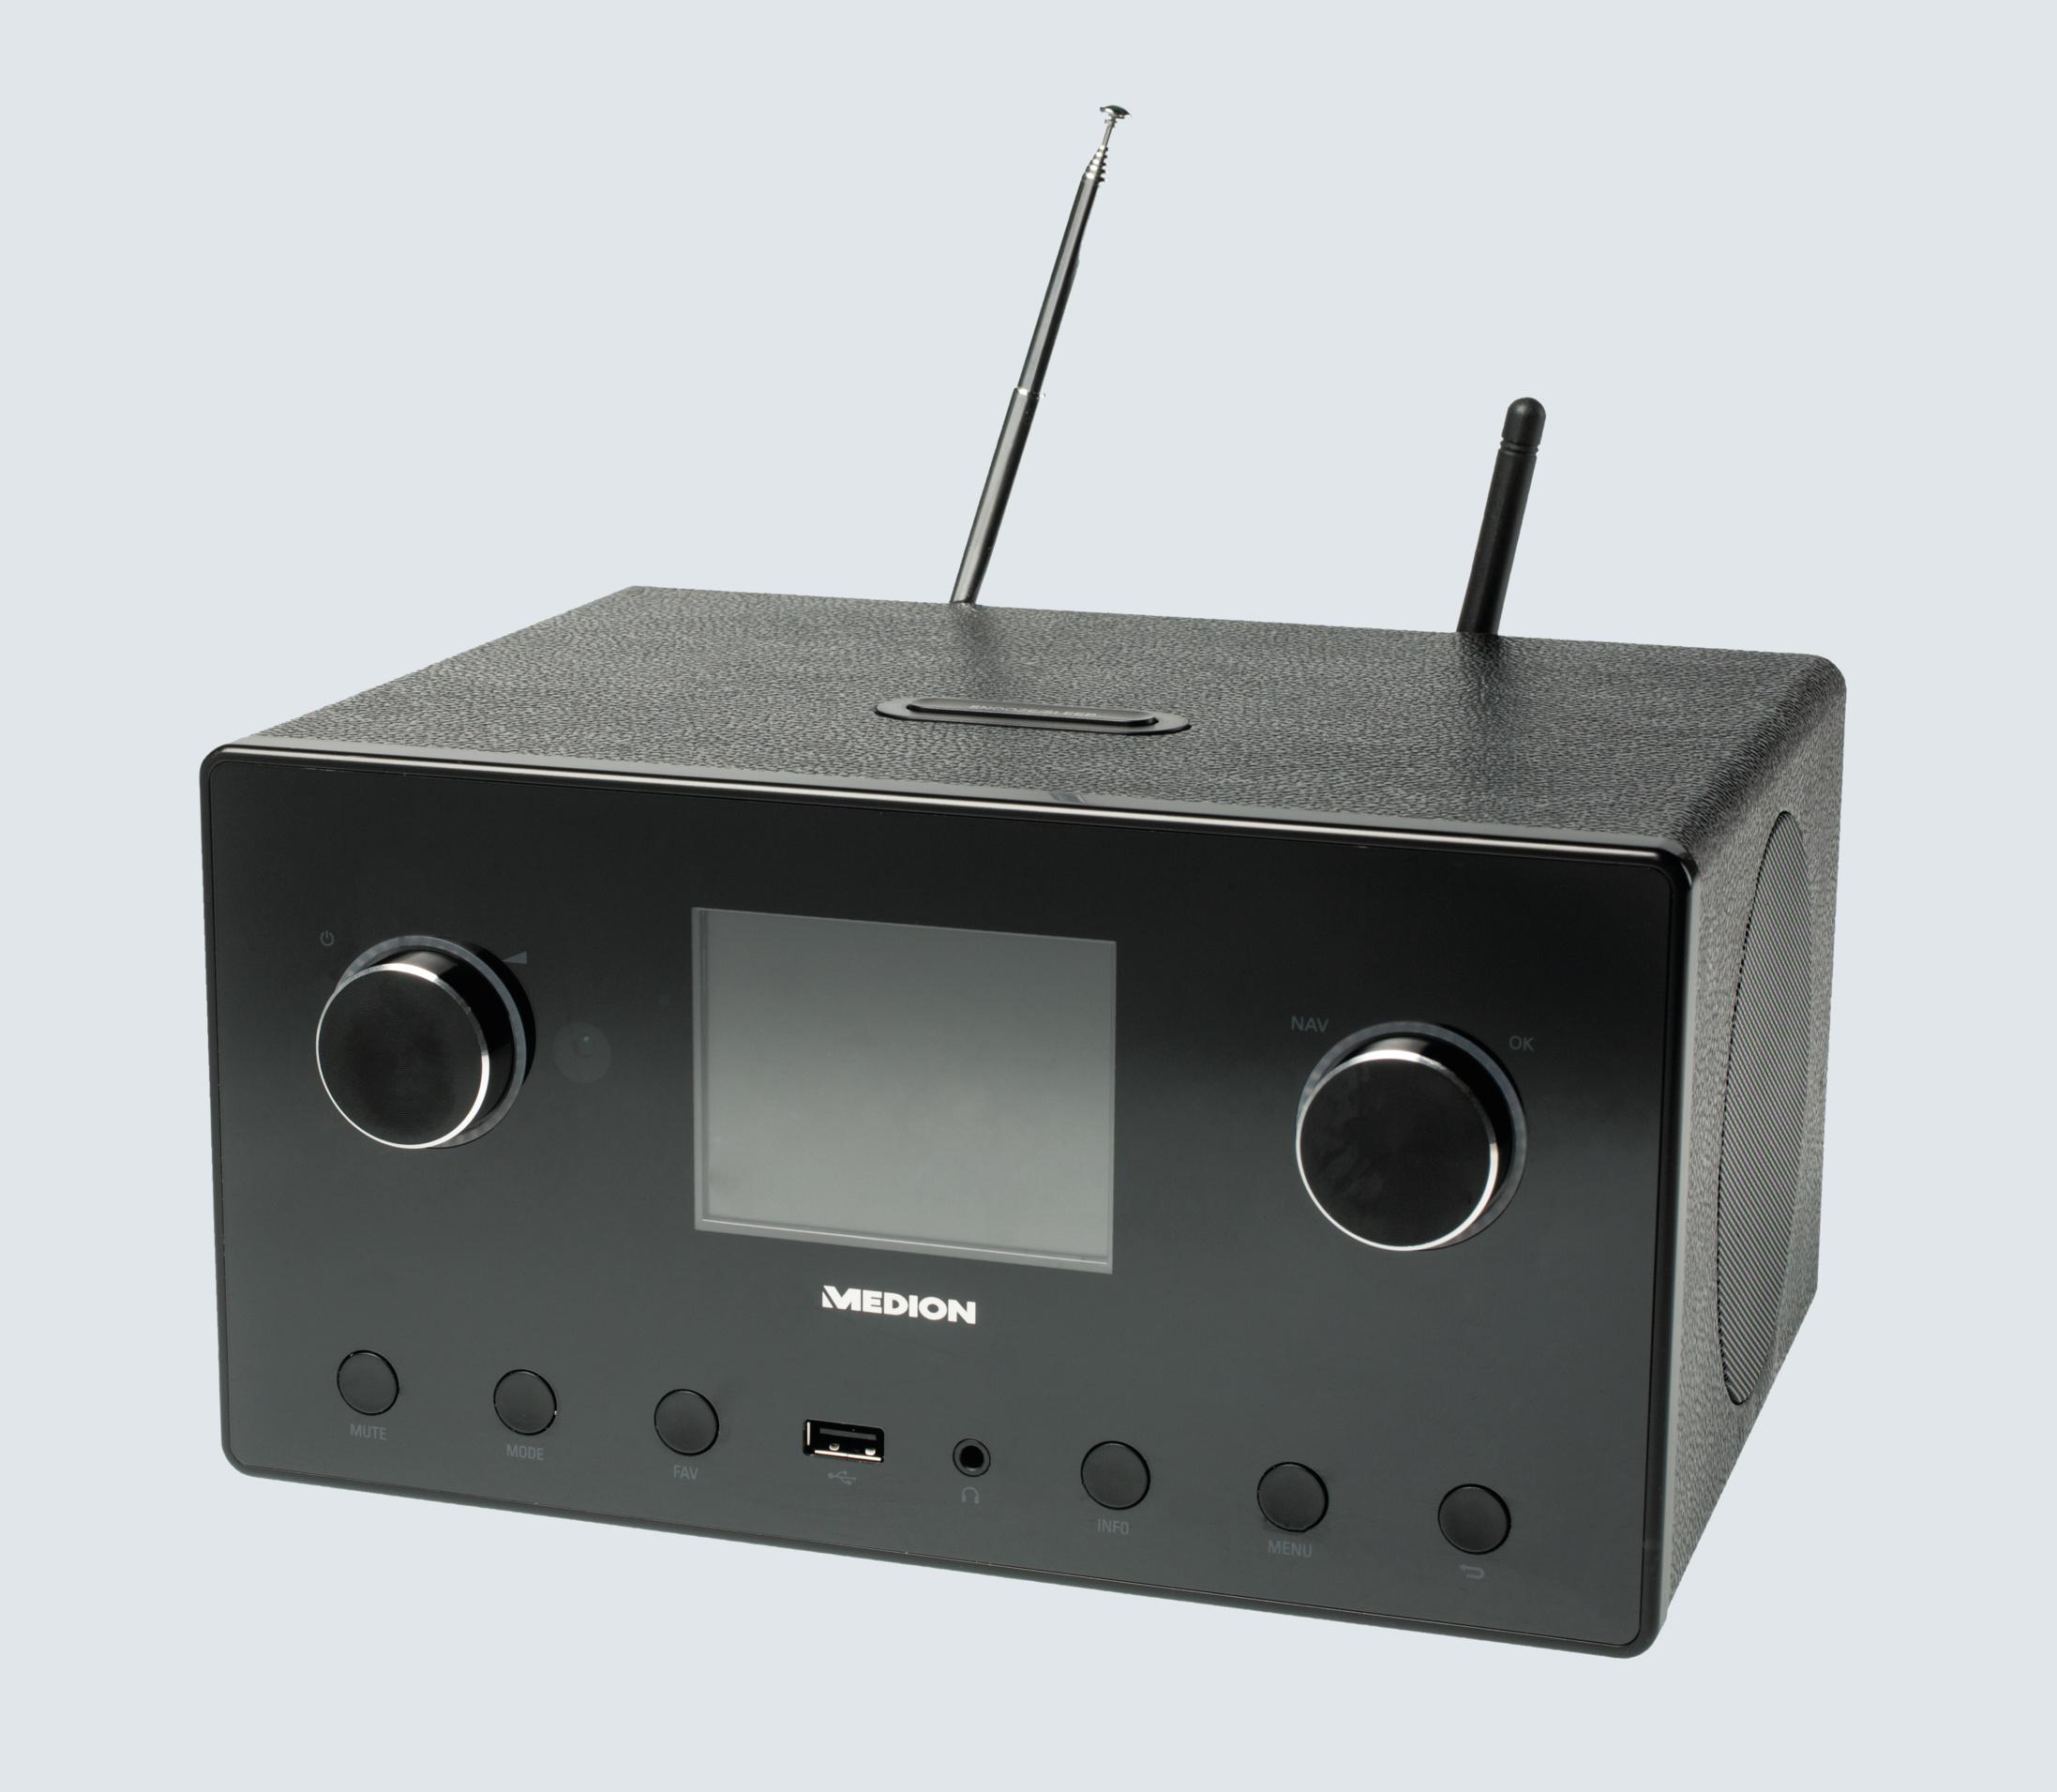 Hybridradios für FM, DAB+, Internetradio und Streaming   c\'t Magazin